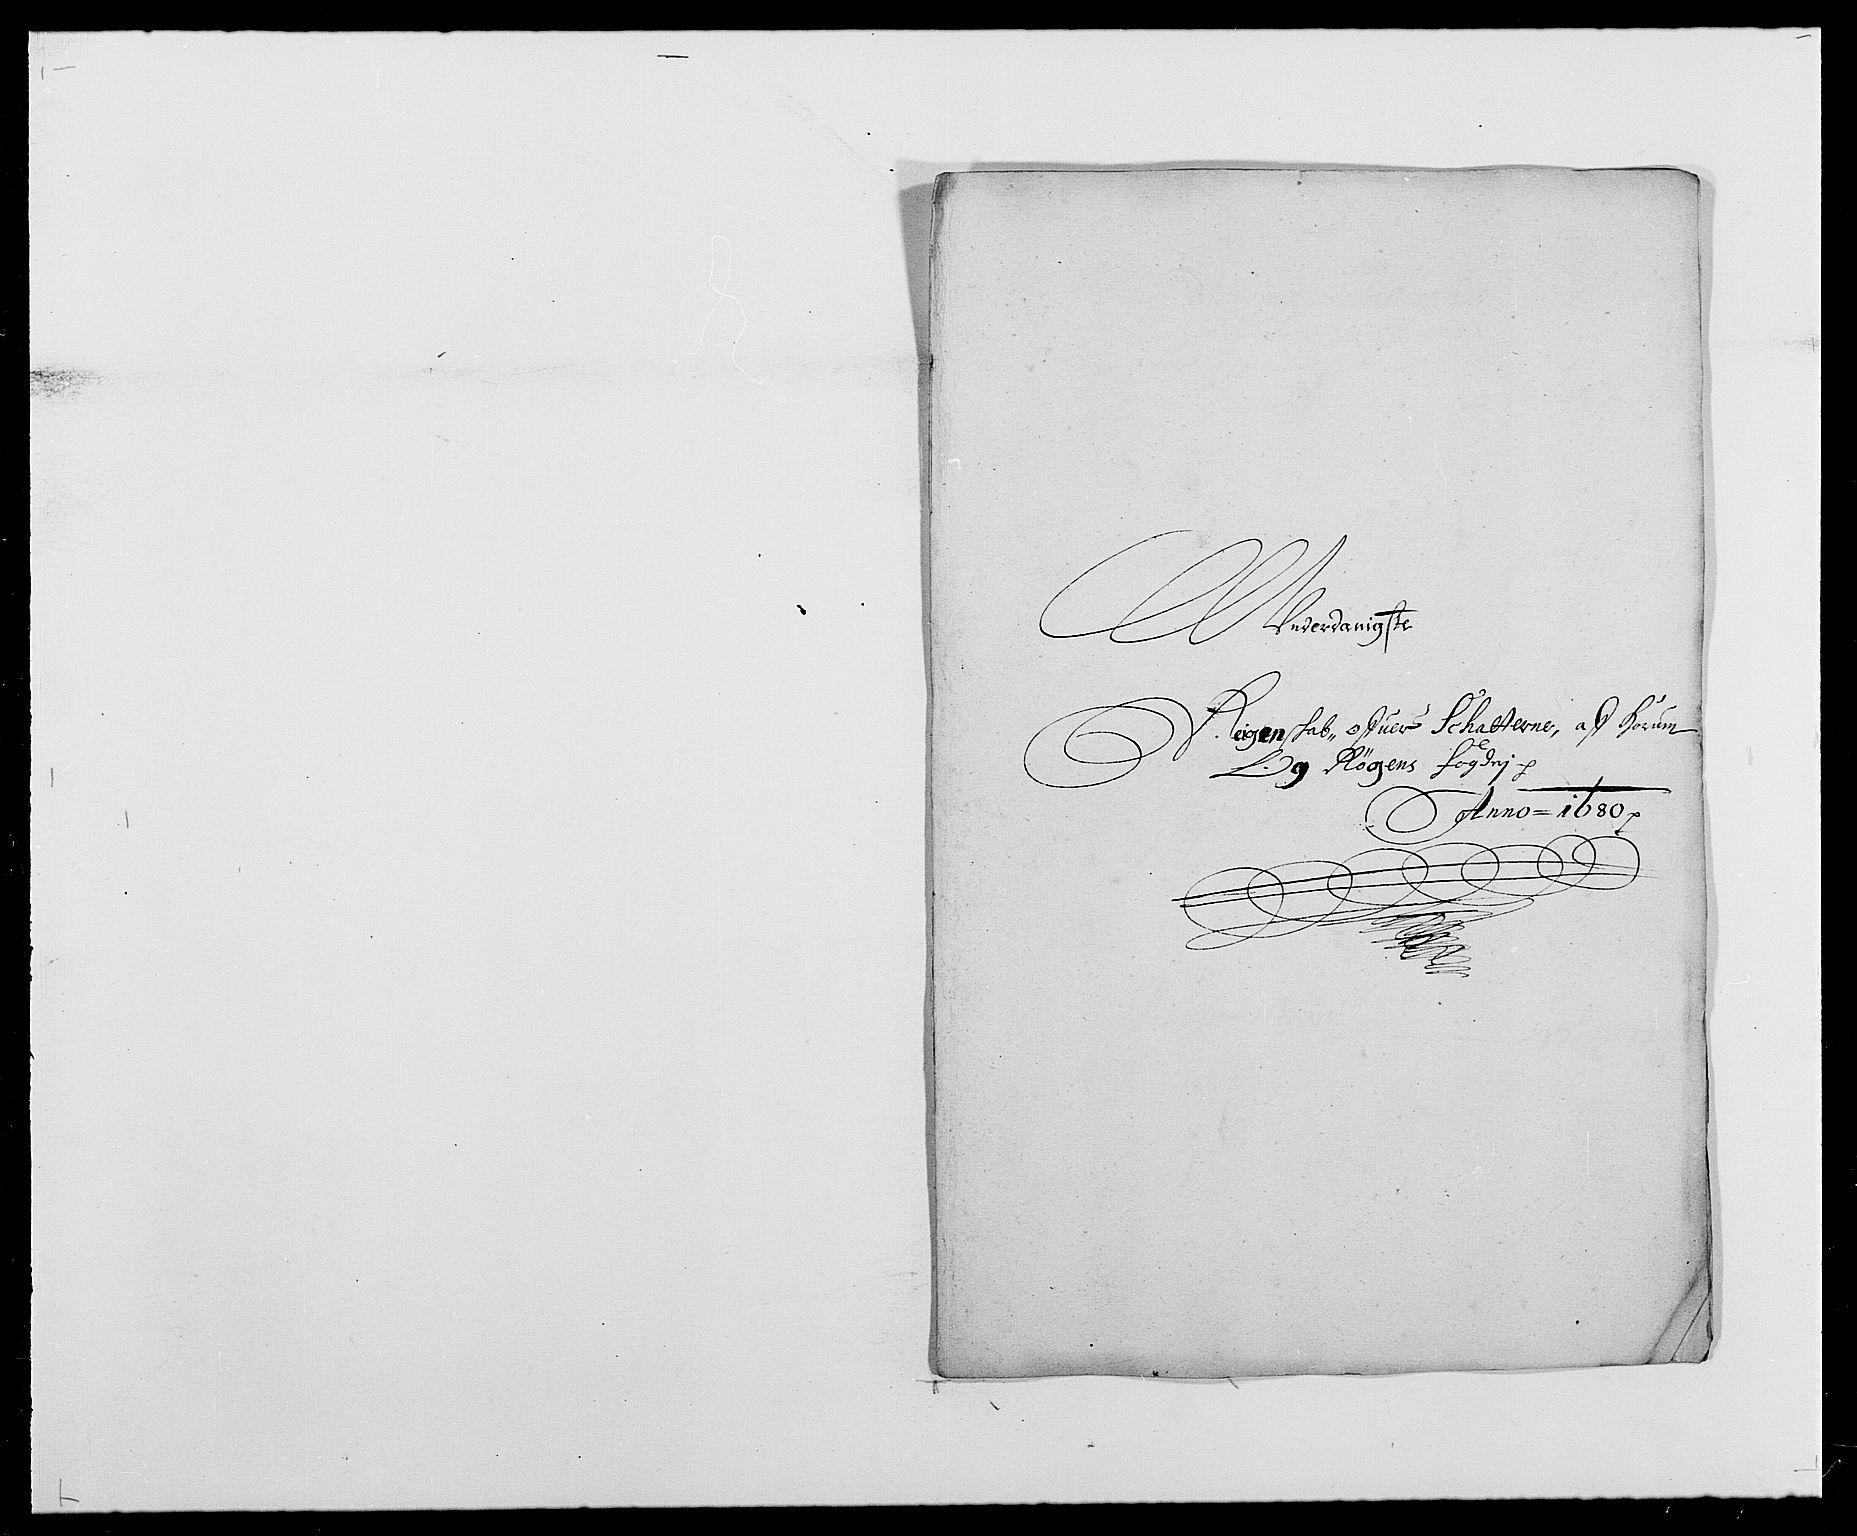 RA, Rentekammeret inntil 1814, Reviderte regnskaper, Fogderegnskap, R29/L1691: Fogderegnskap Hurum og Røyken, 1678-1681, s. 34